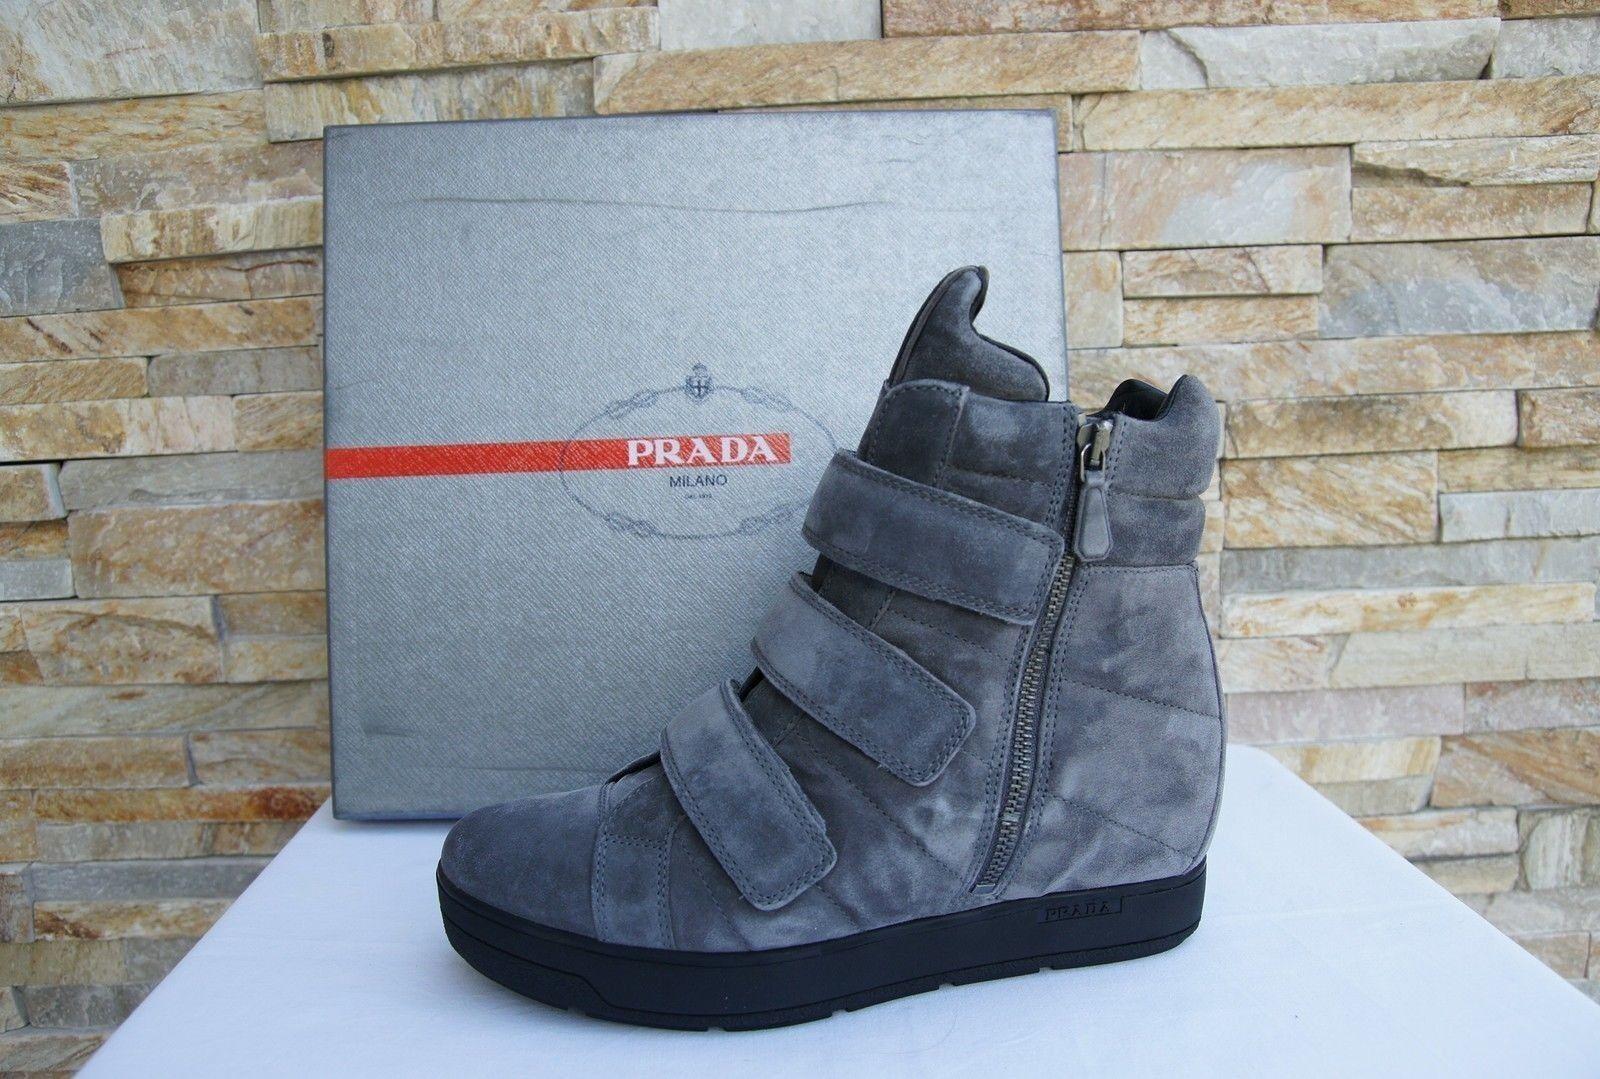 PRADA Gr 41 41 41 Stiefeletten Stiefelies Schuhe 3TZ035 suede grau kies neu ehem   b612ae